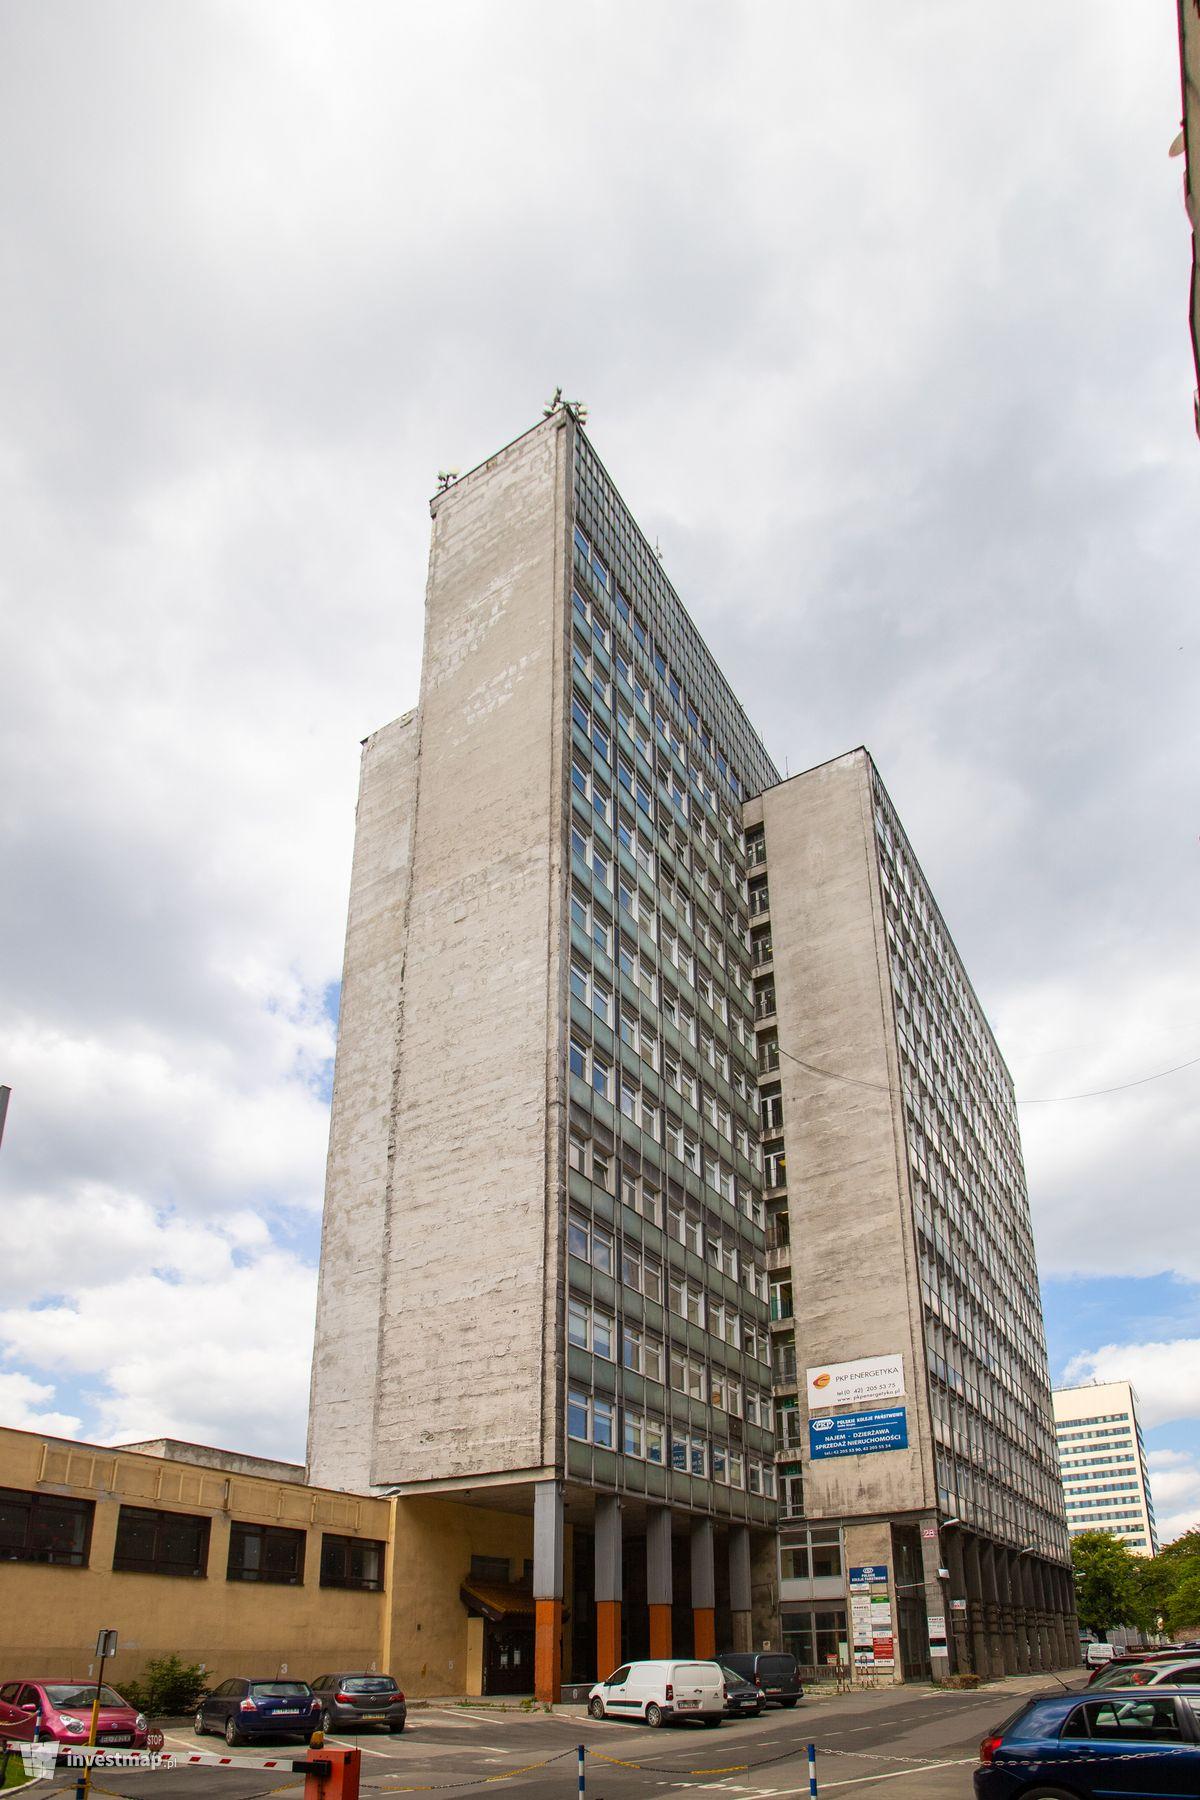 Zdjęcie Wieżowiec PKP SA w Łodzi (Żyleta) fot. Jakub Zazula